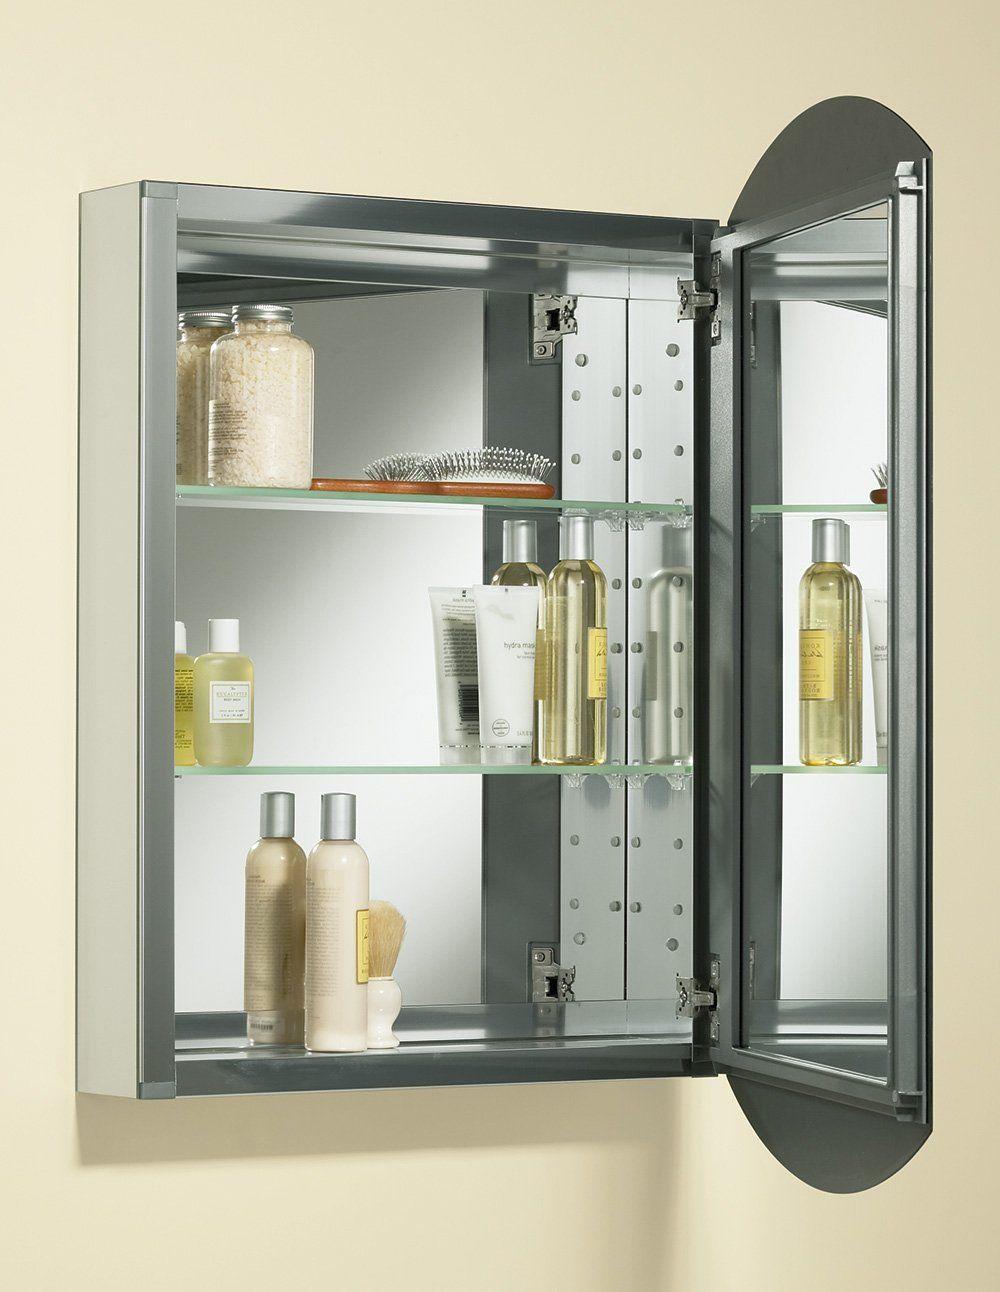 Amazon Badezimmer Kabinett Amazon Badezimmer Kabinett Residenz Liegt Nur Einen Rahmen Aus Ziegeln Und Z Badezimmer Eckschrank Badezimmer Spiegelschrank Bad